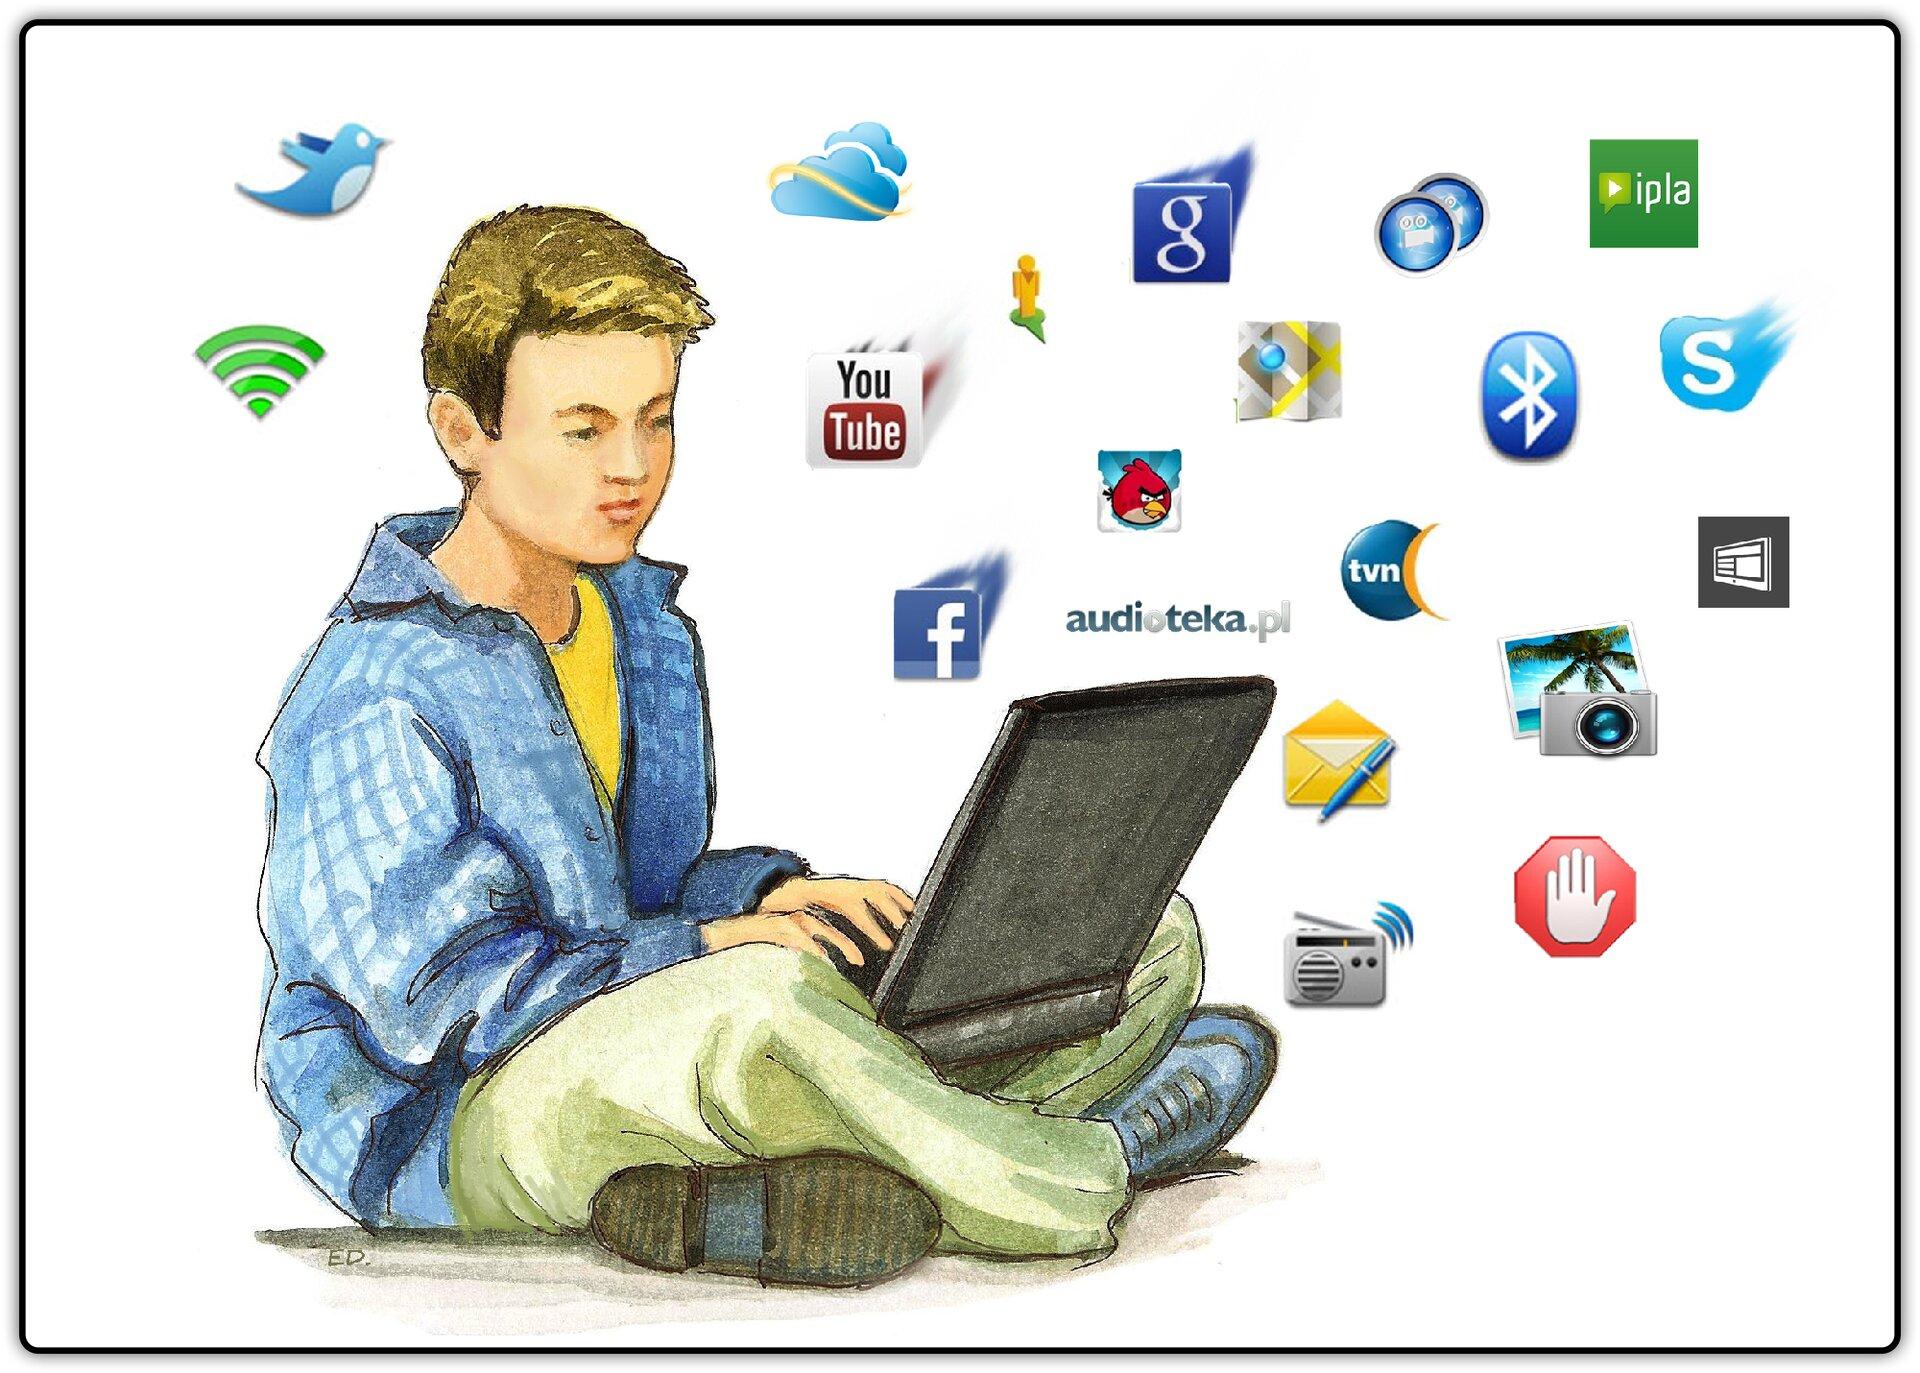 Ilustracja przedstawiająca siedzącego chłopca, który trzyma na kolanach laptop, awokół niego znajdują się różne ikony